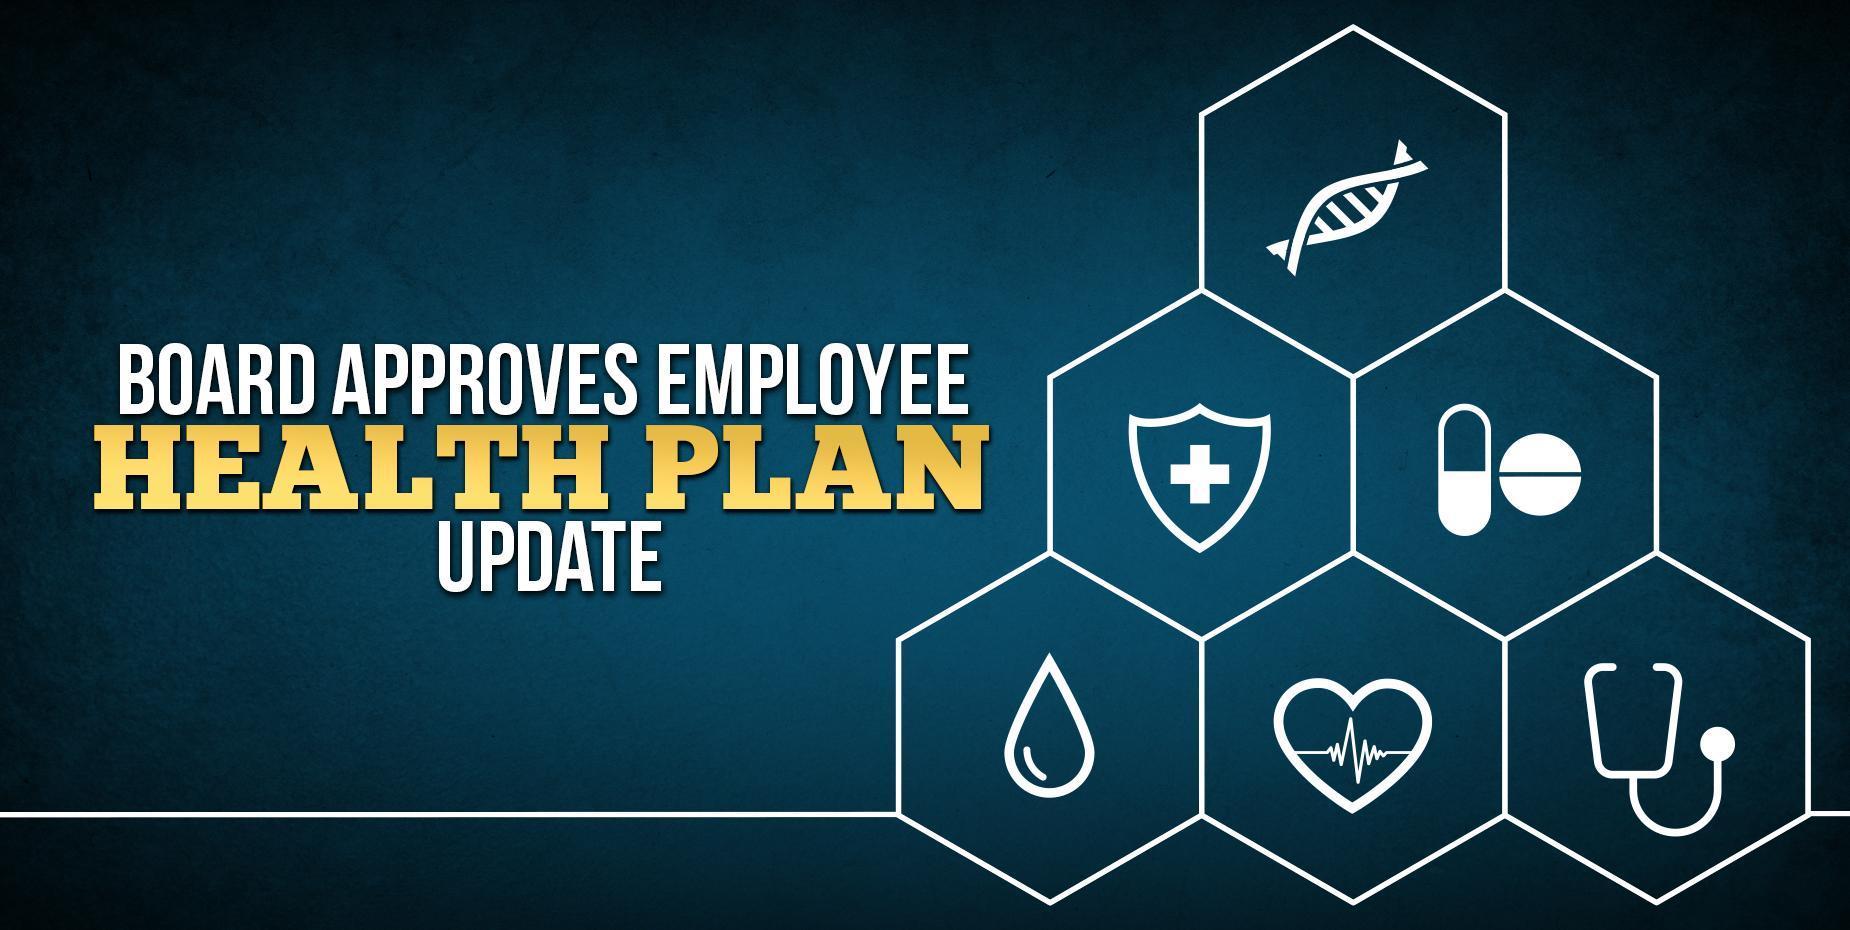 Board approves employee health plan update